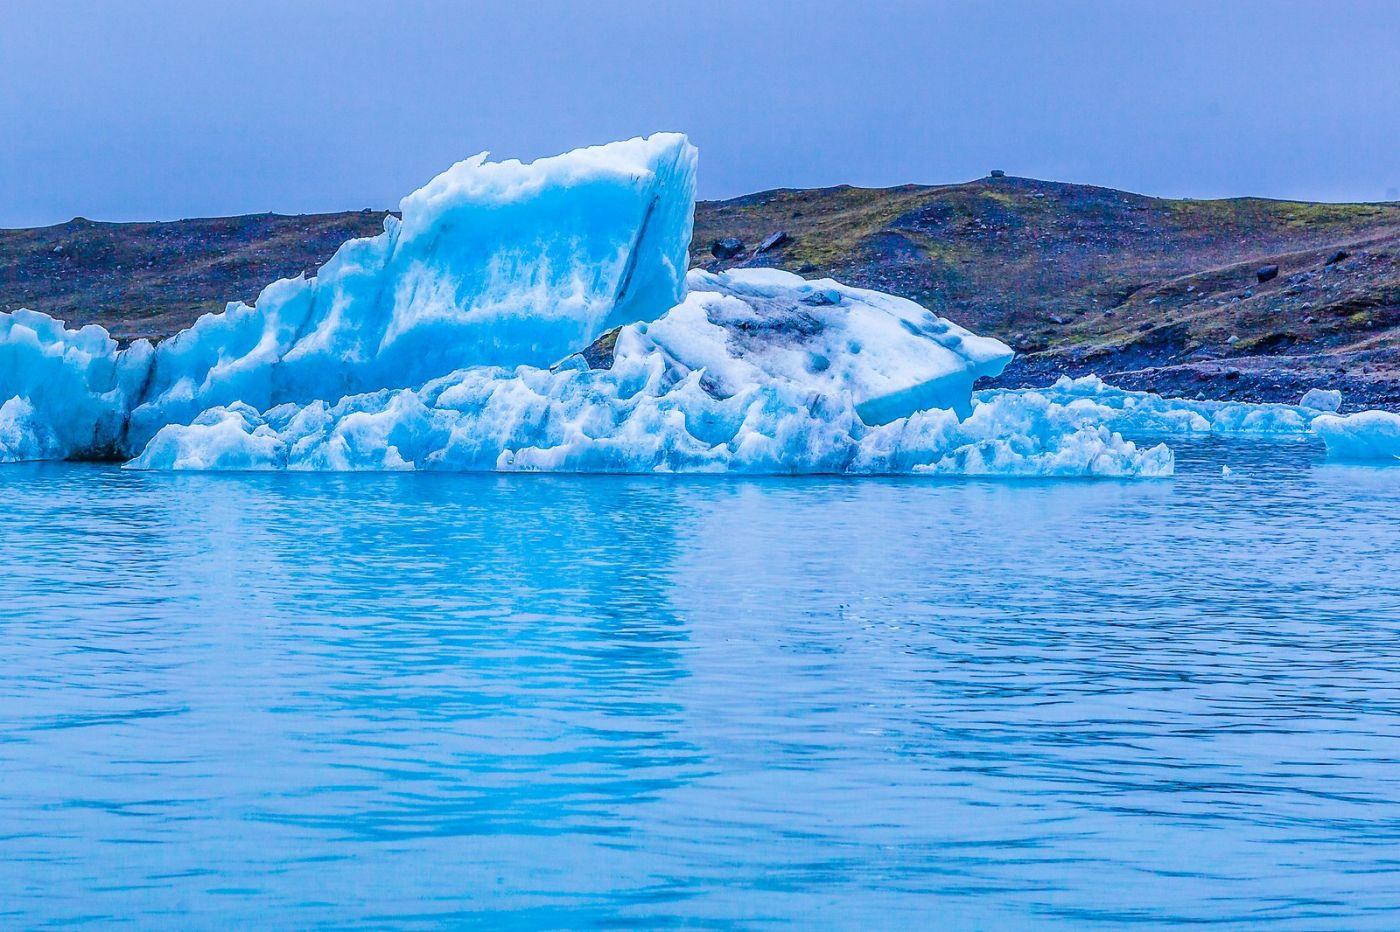 冰岛冰川泻湖(Glacier Lagoon),自然雕塑_图1-26